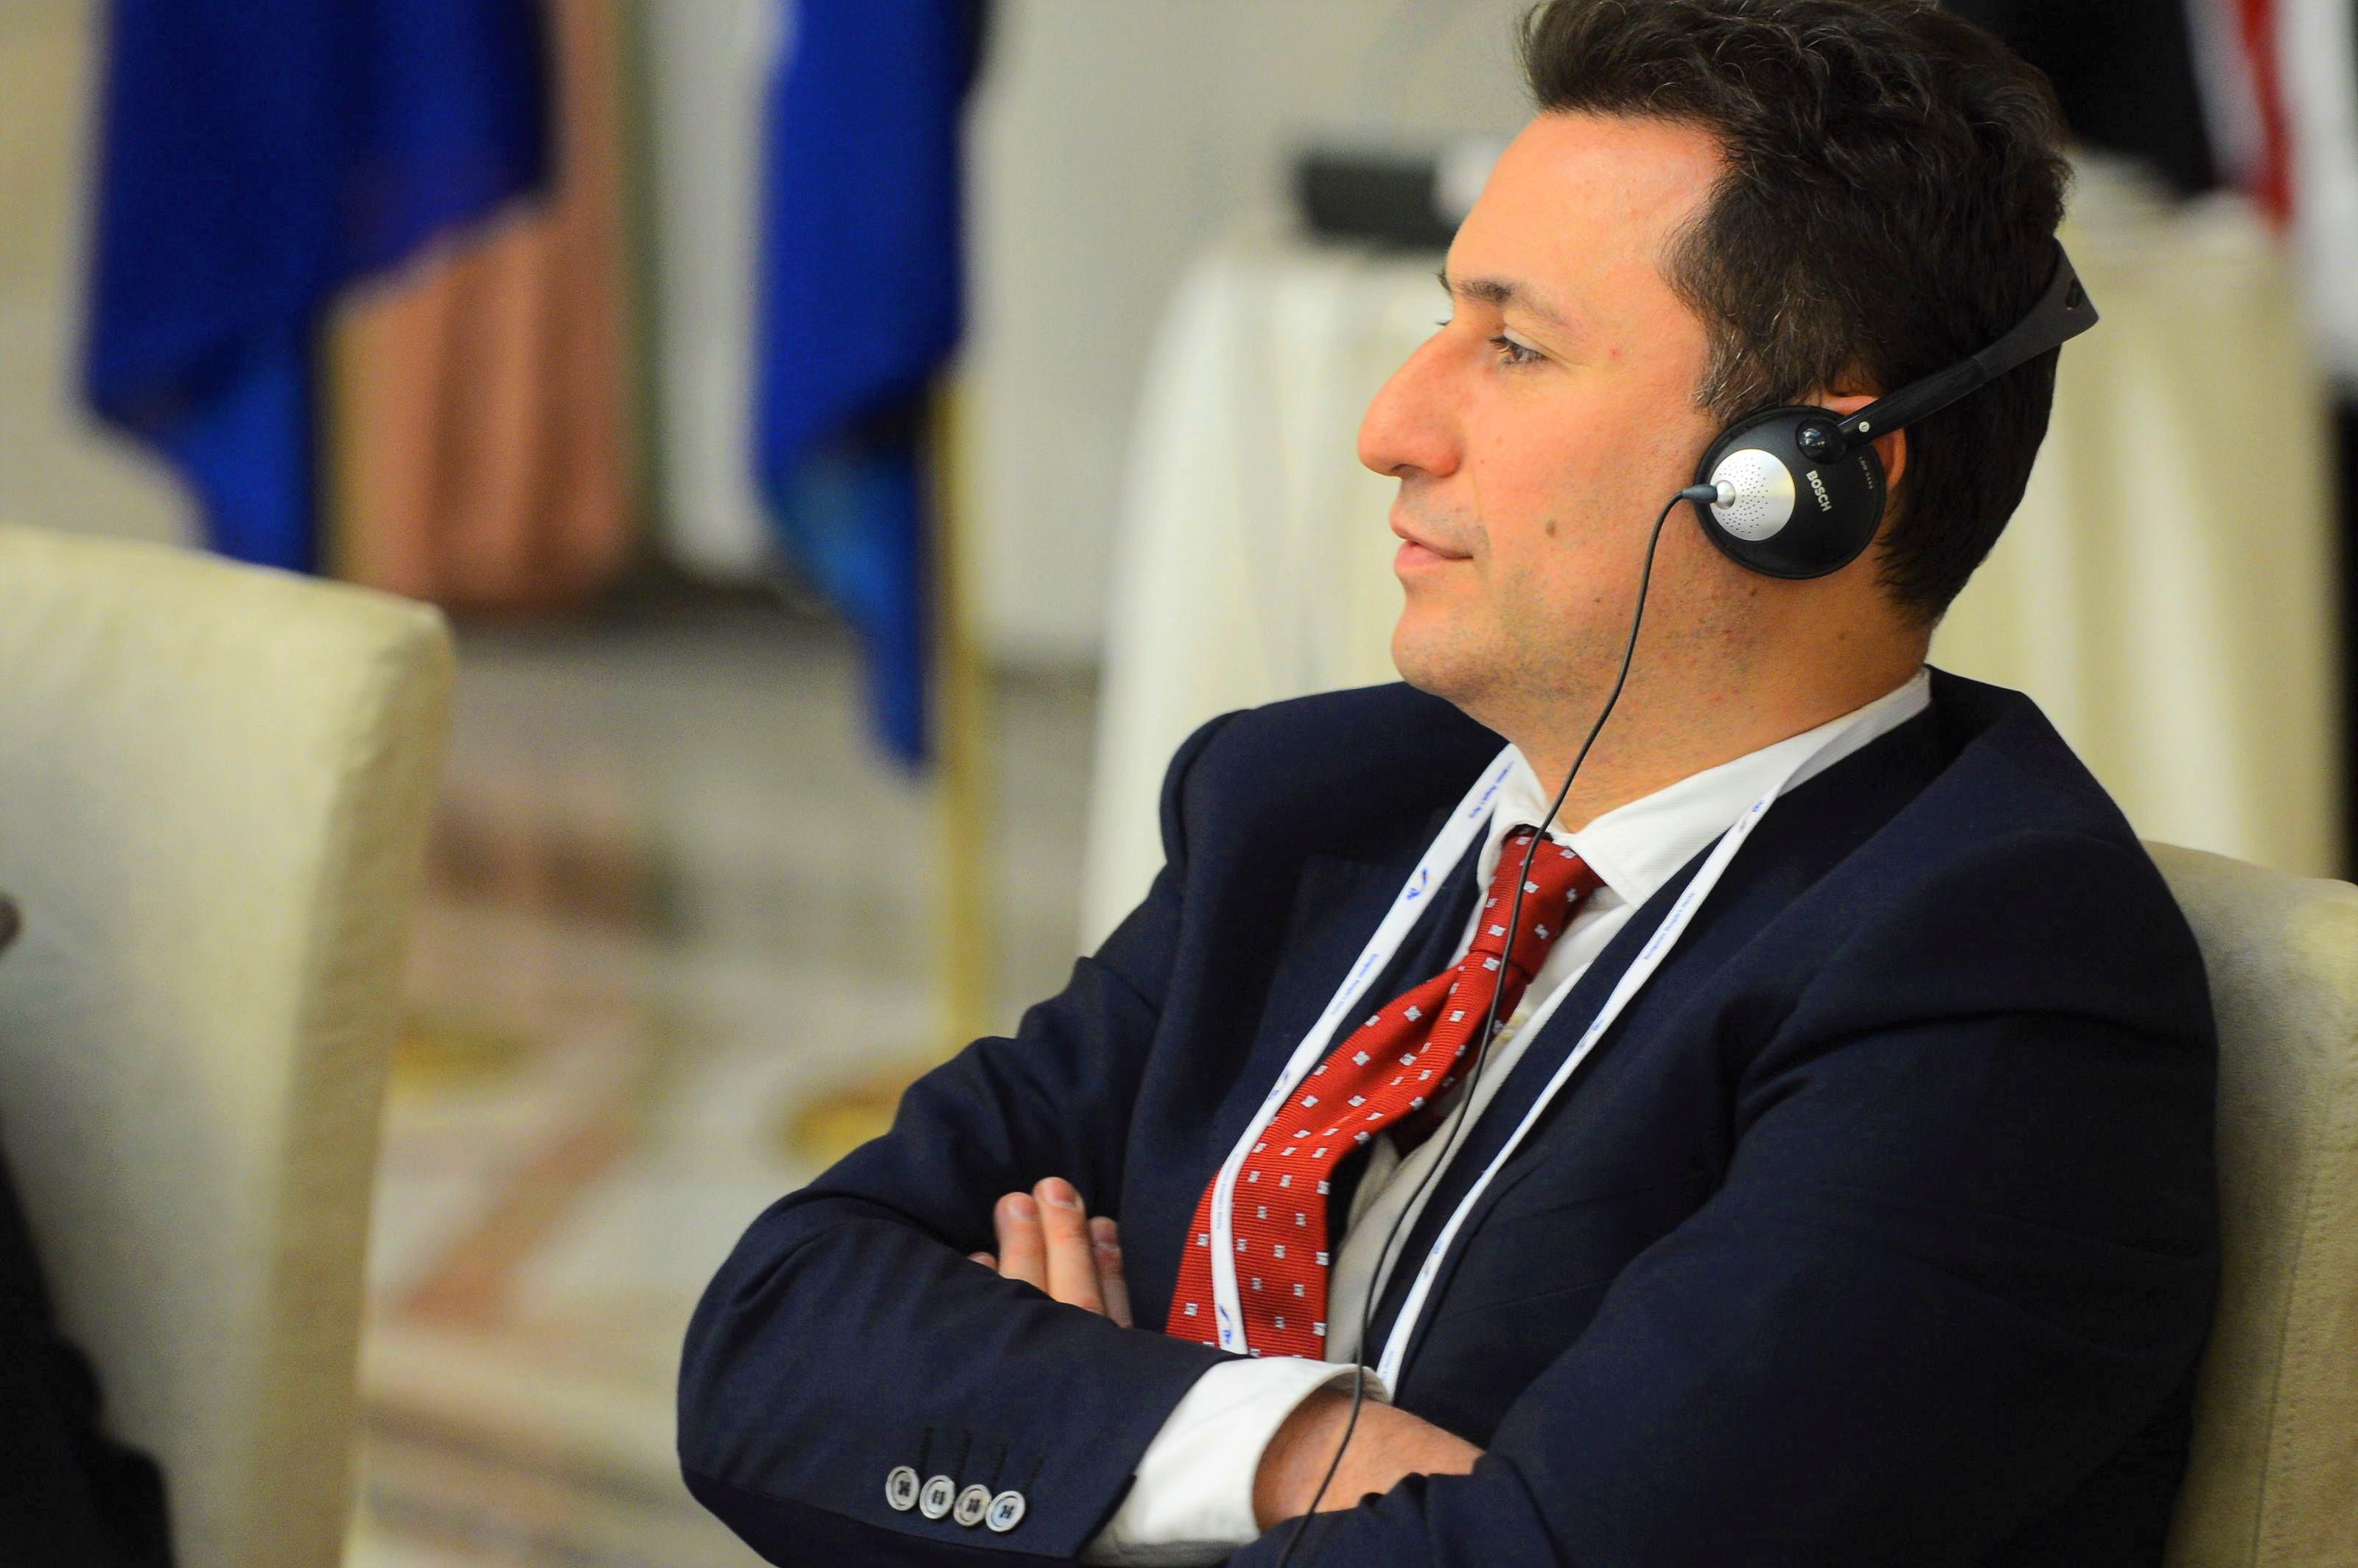 Груевски утре наместо на судење  ќе може да ги слуша бомбите за уривањето на Космос во судот